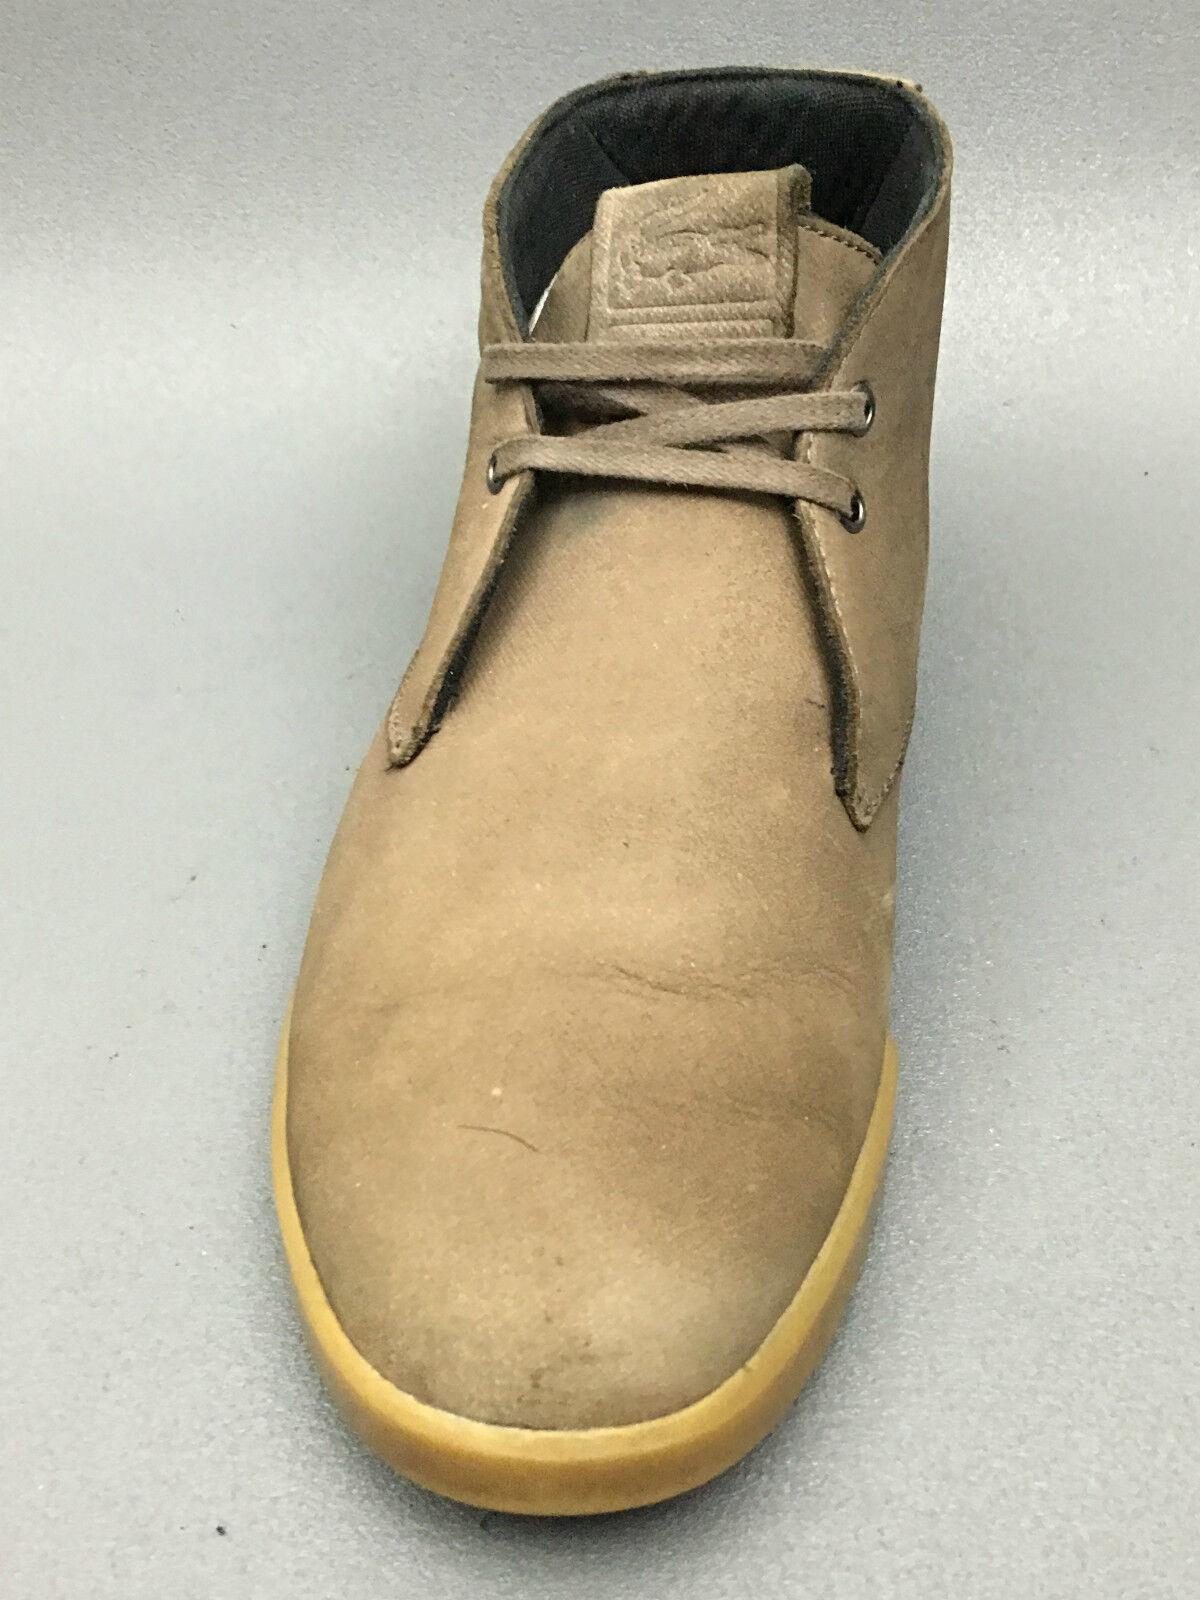 Lacoste Arona Suede Chukka Boots Size. 10 US. UK9